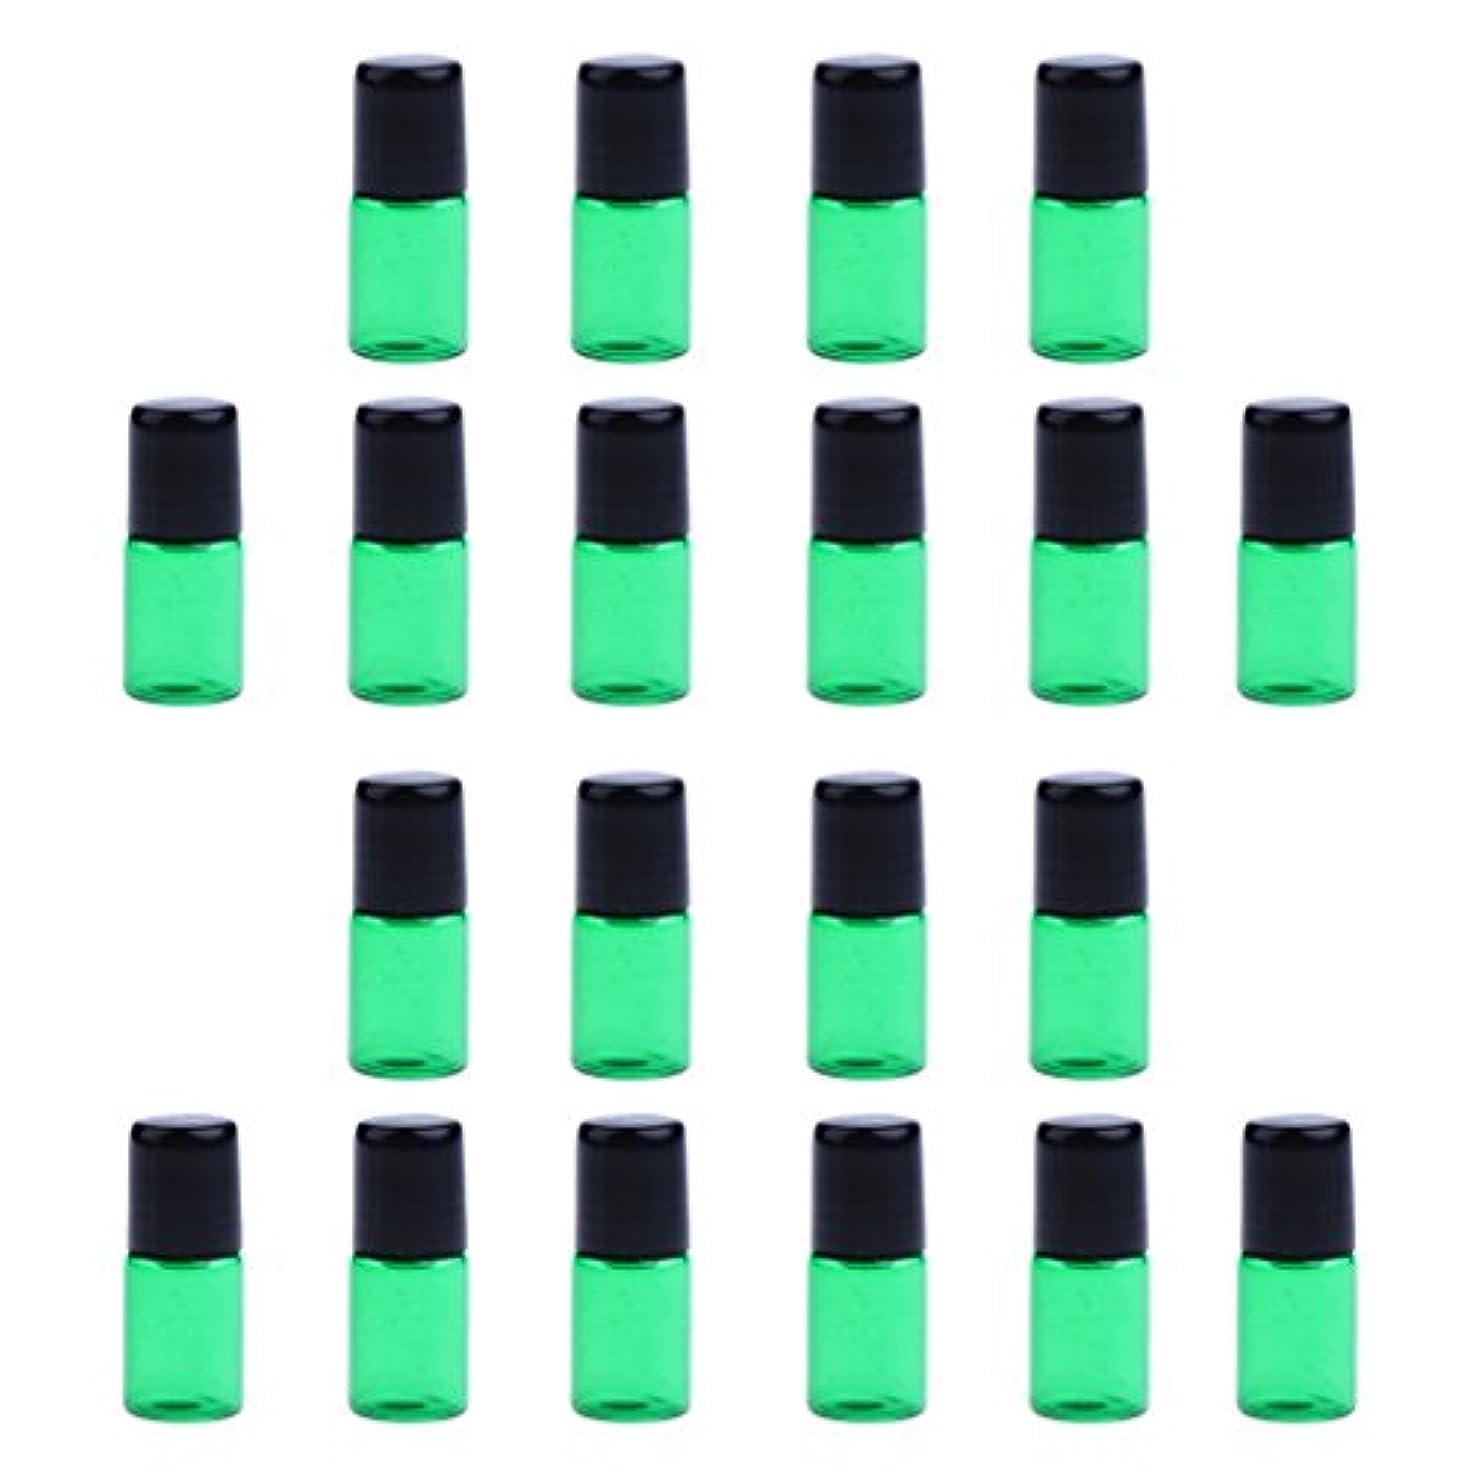 キリン政治家配管約20個 ガラスボトル 詰替え オイル 香水 ミニサイズ 旅行小物 出差 全4色3サイズ選べる - 緑, 1ML